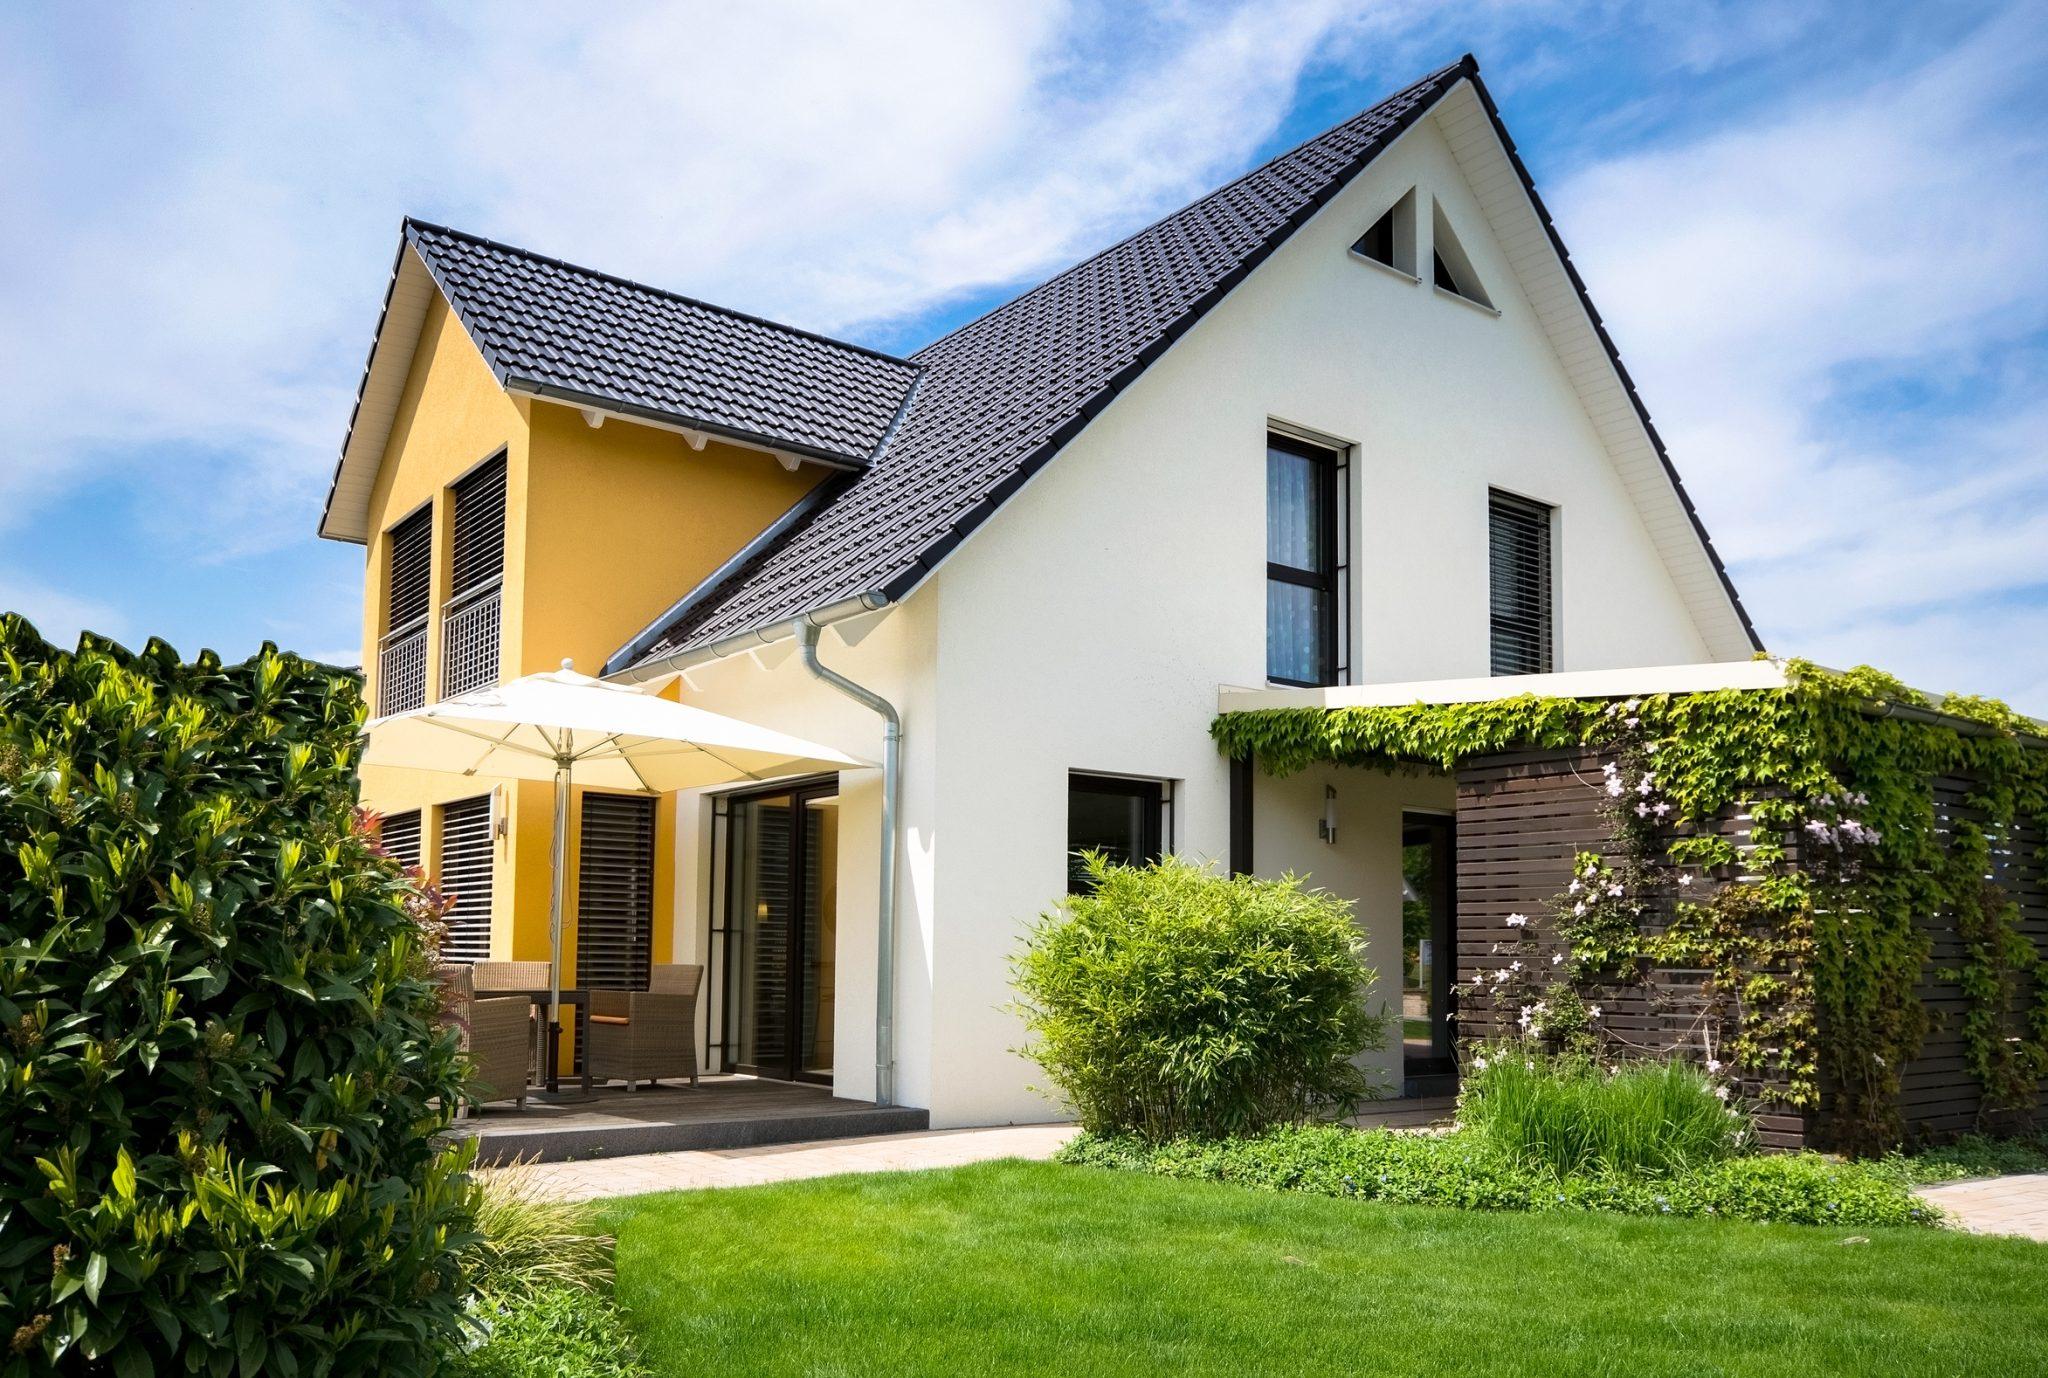 whg immobilien immobilienmakler in freiberg am neckar ludwigsburg. Black Bedroom Furniture Sets. Home Design Ideas